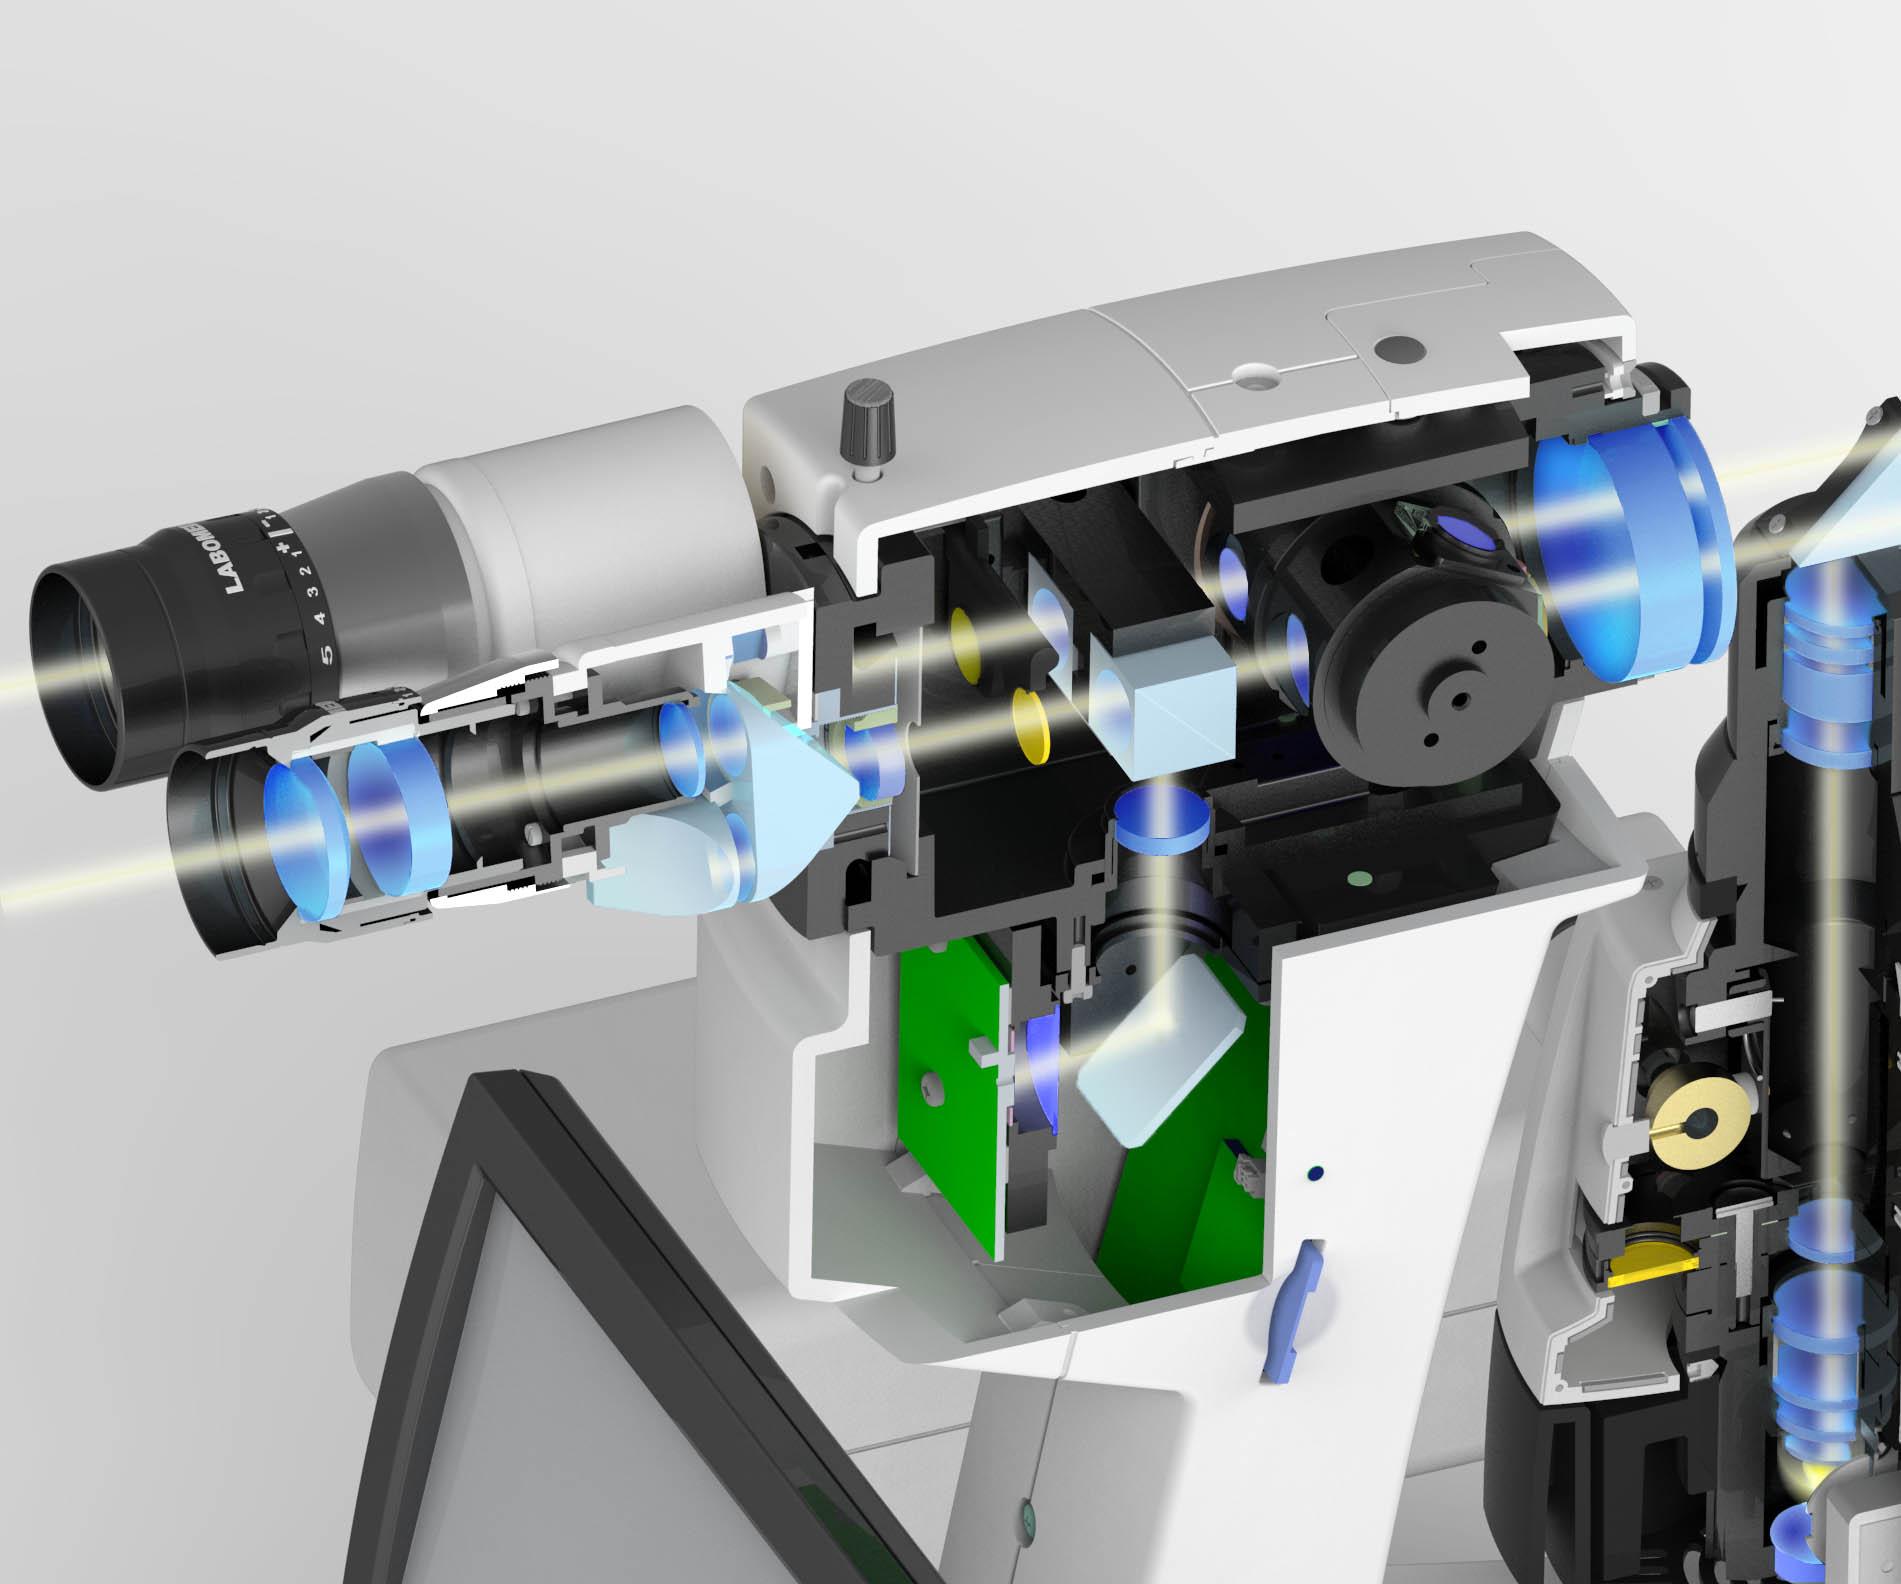 Microscopios avanzados para el cuidado de los ojos y para obtener mejores resultados